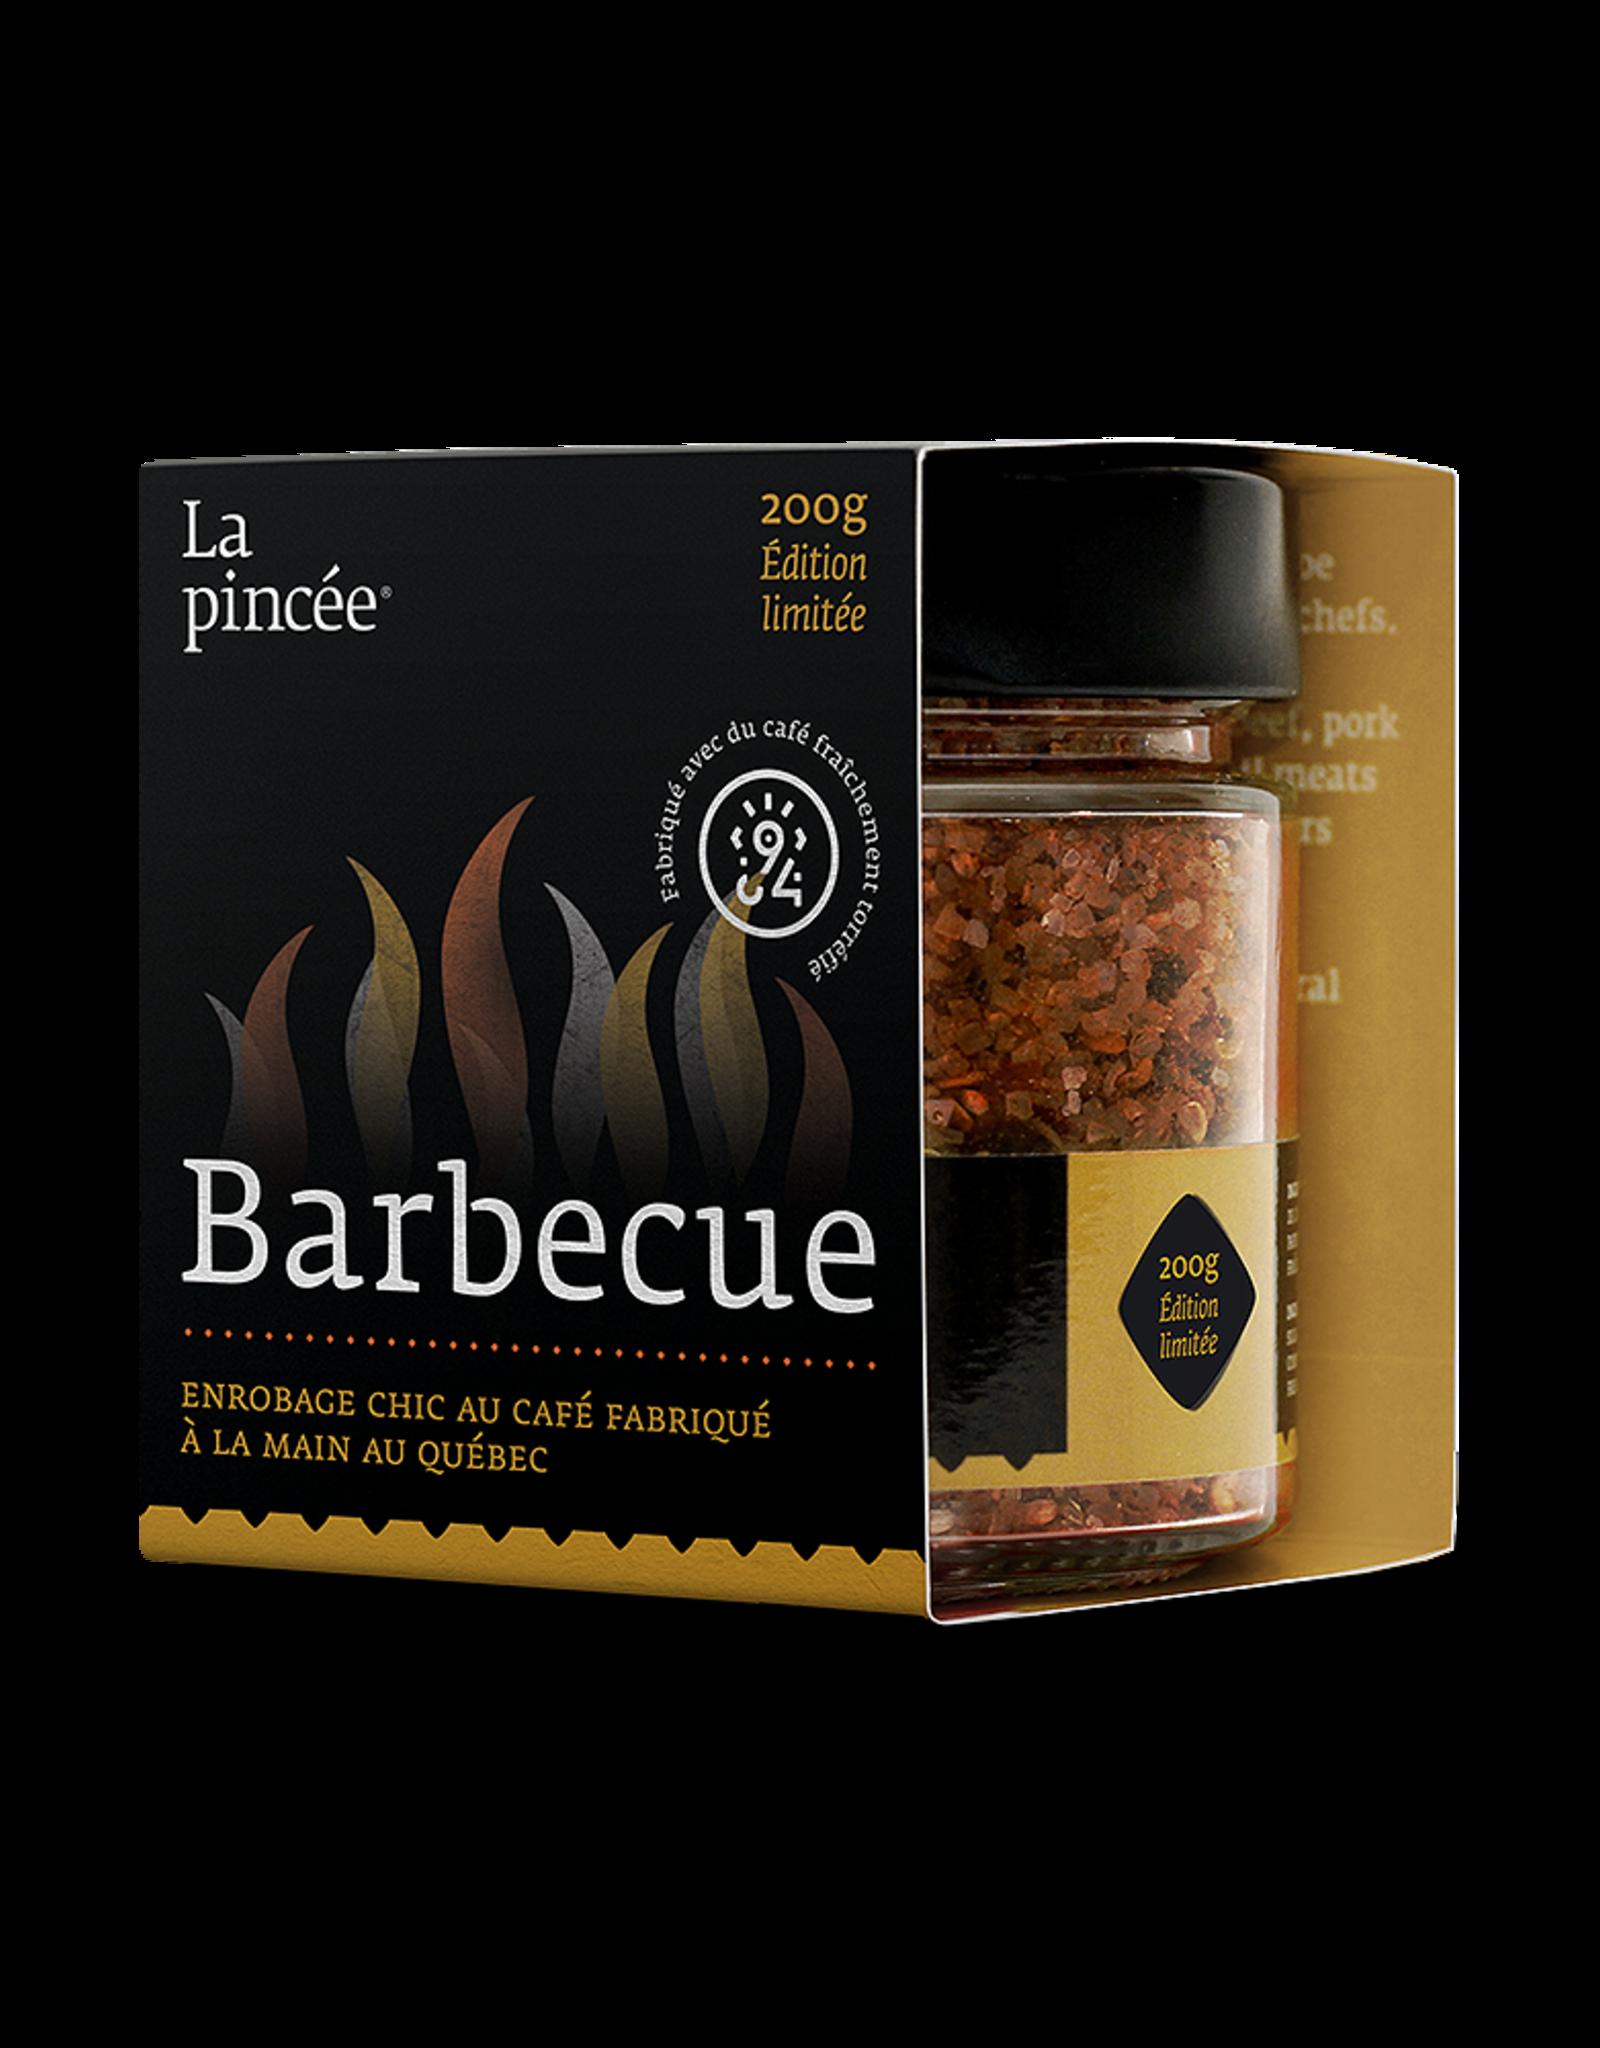 LA PINCÉE Barbecue au Café - 94 Celsius